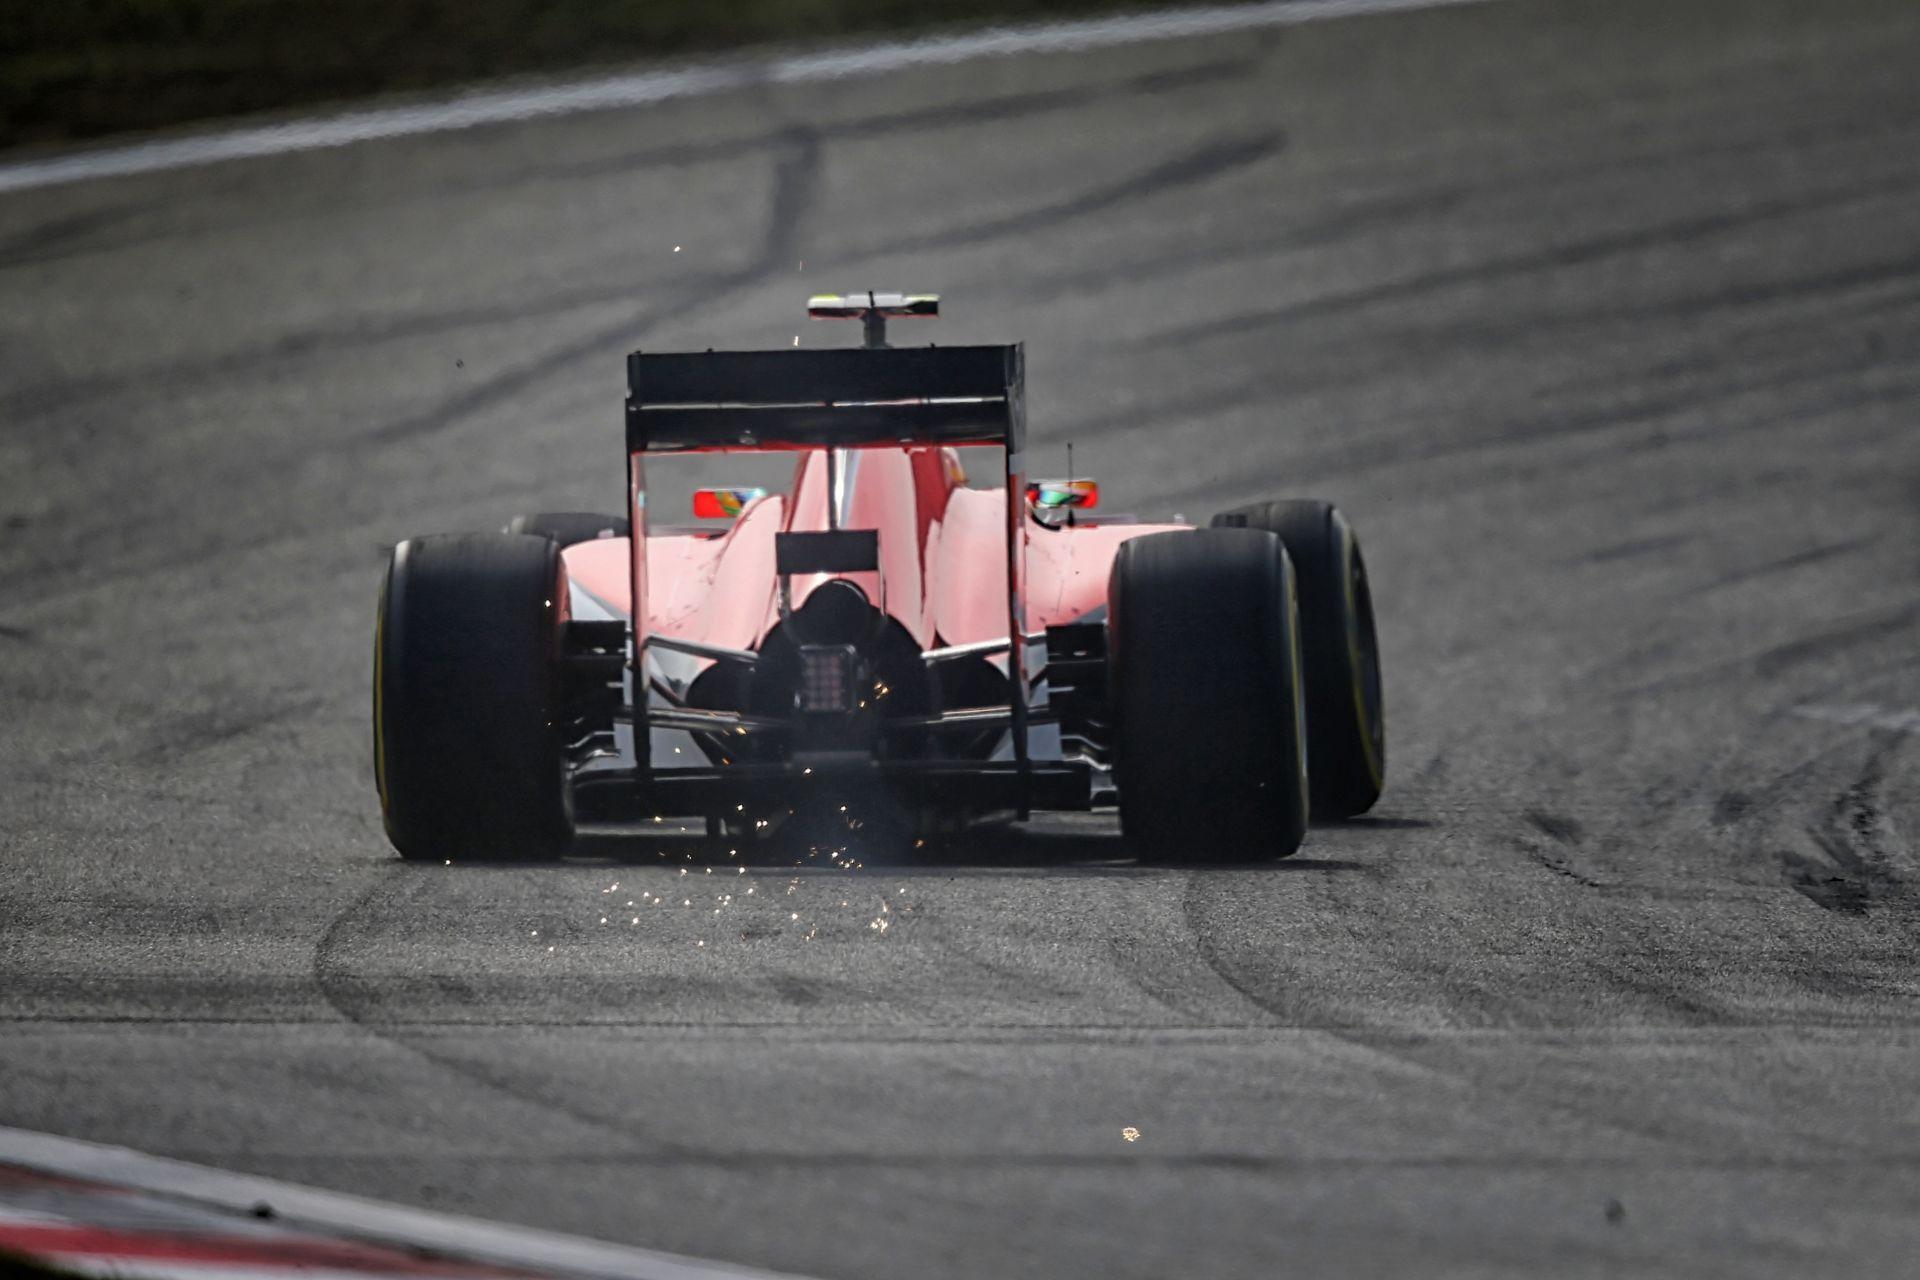 Manor F1 Team: Szinte már hihetetlen, két autóval is megláttuk a kockás zászlót